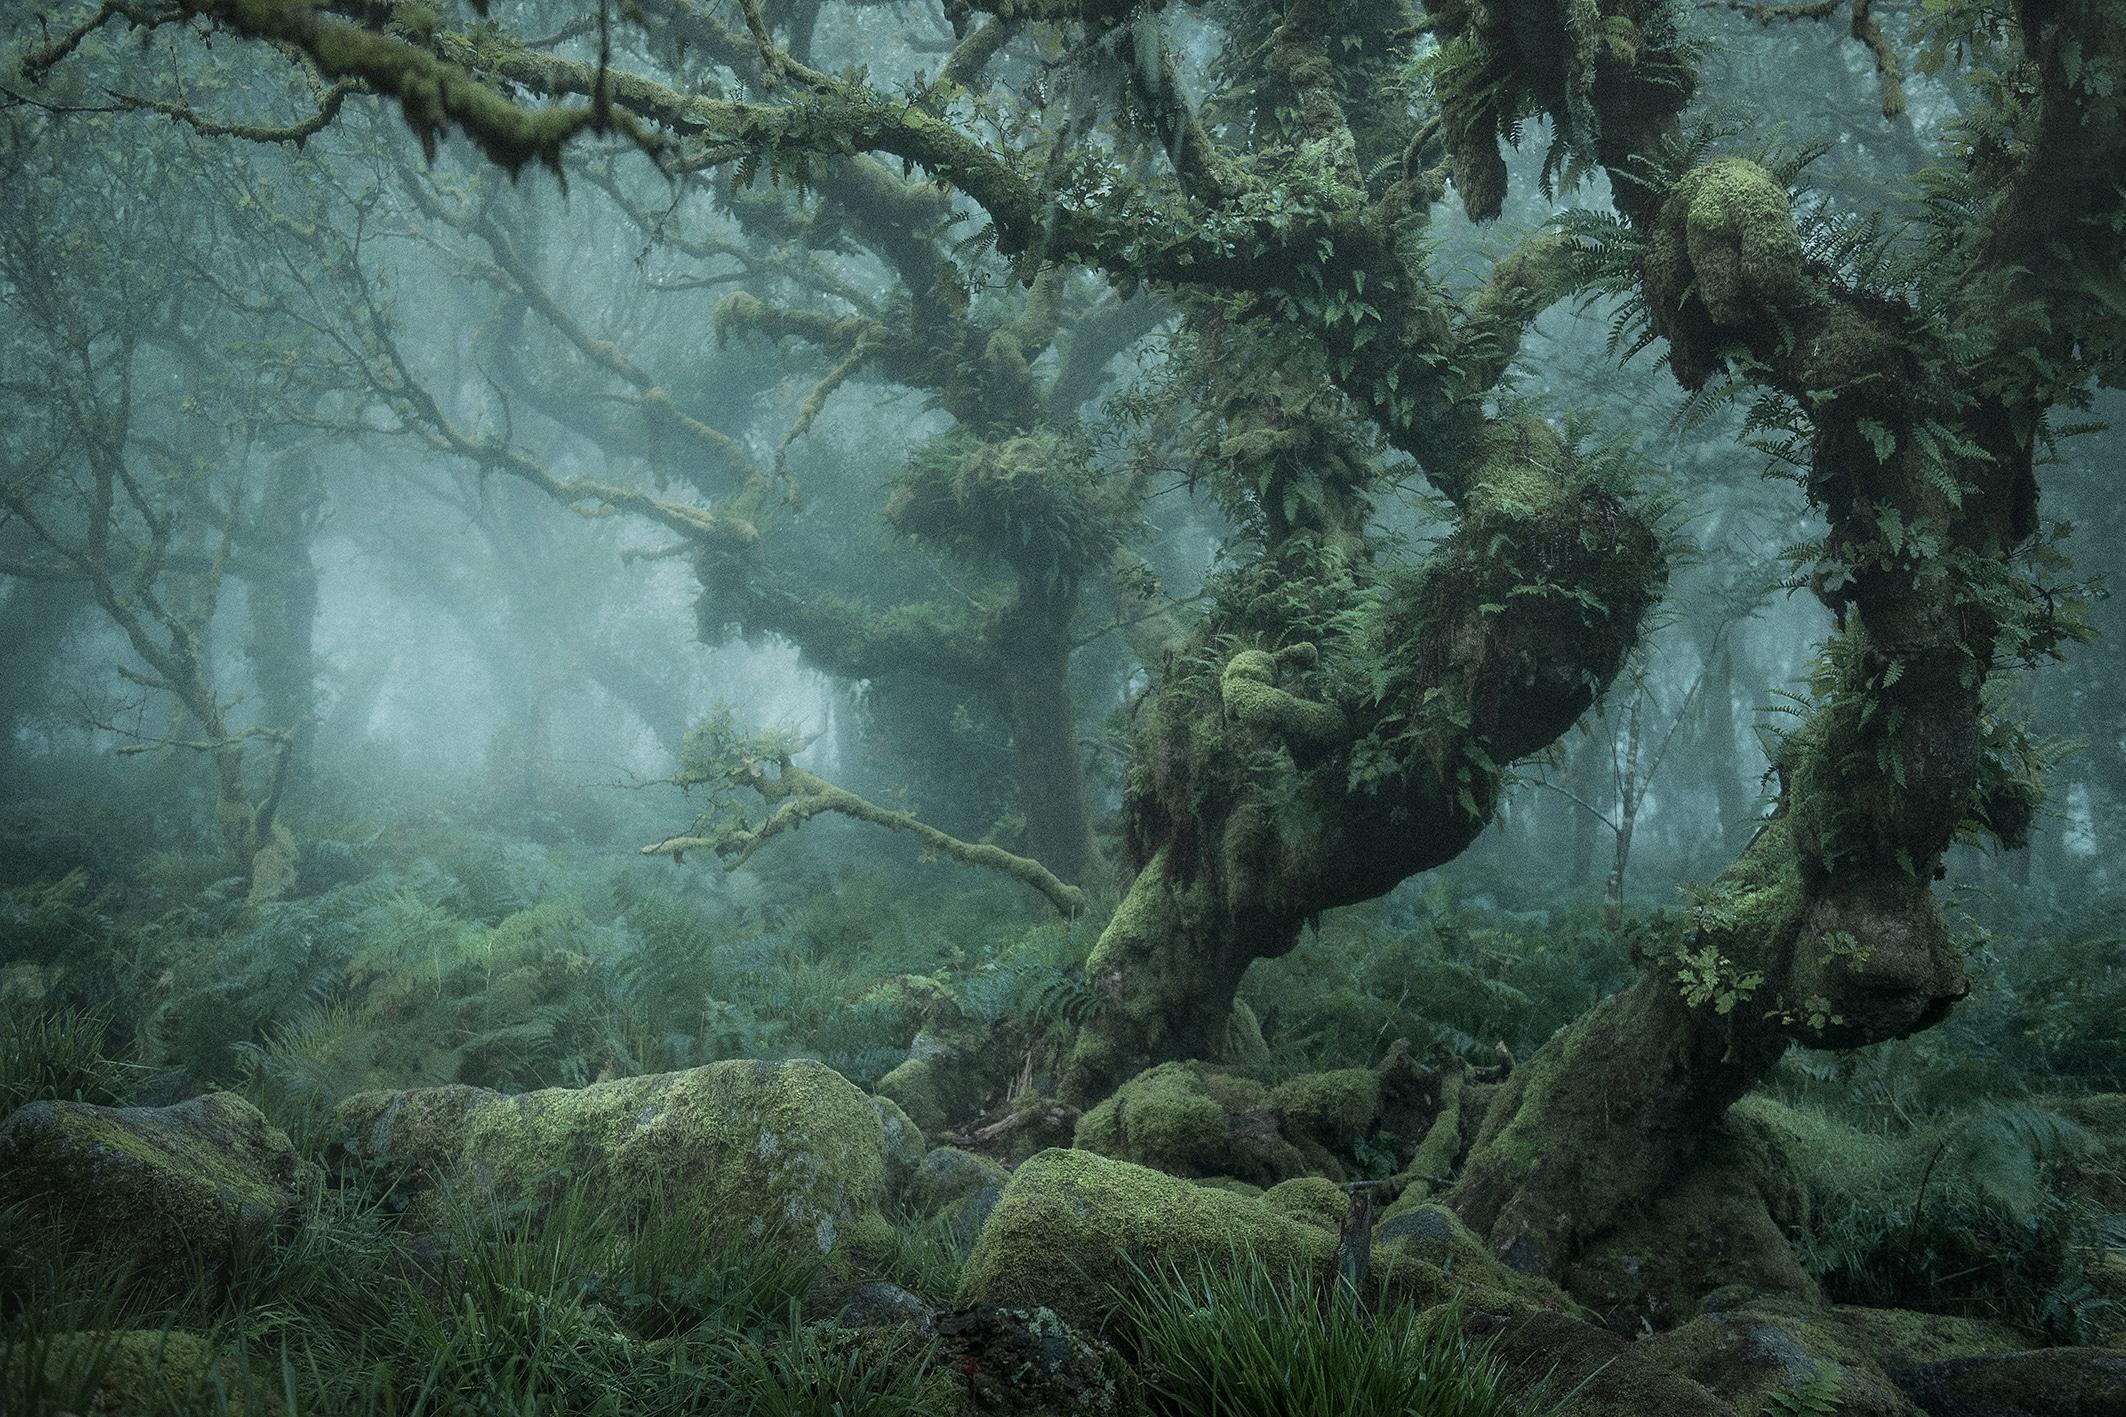 Trvácna krása tajomného lesa ako vytrhnutá z Tolkienovho sveta